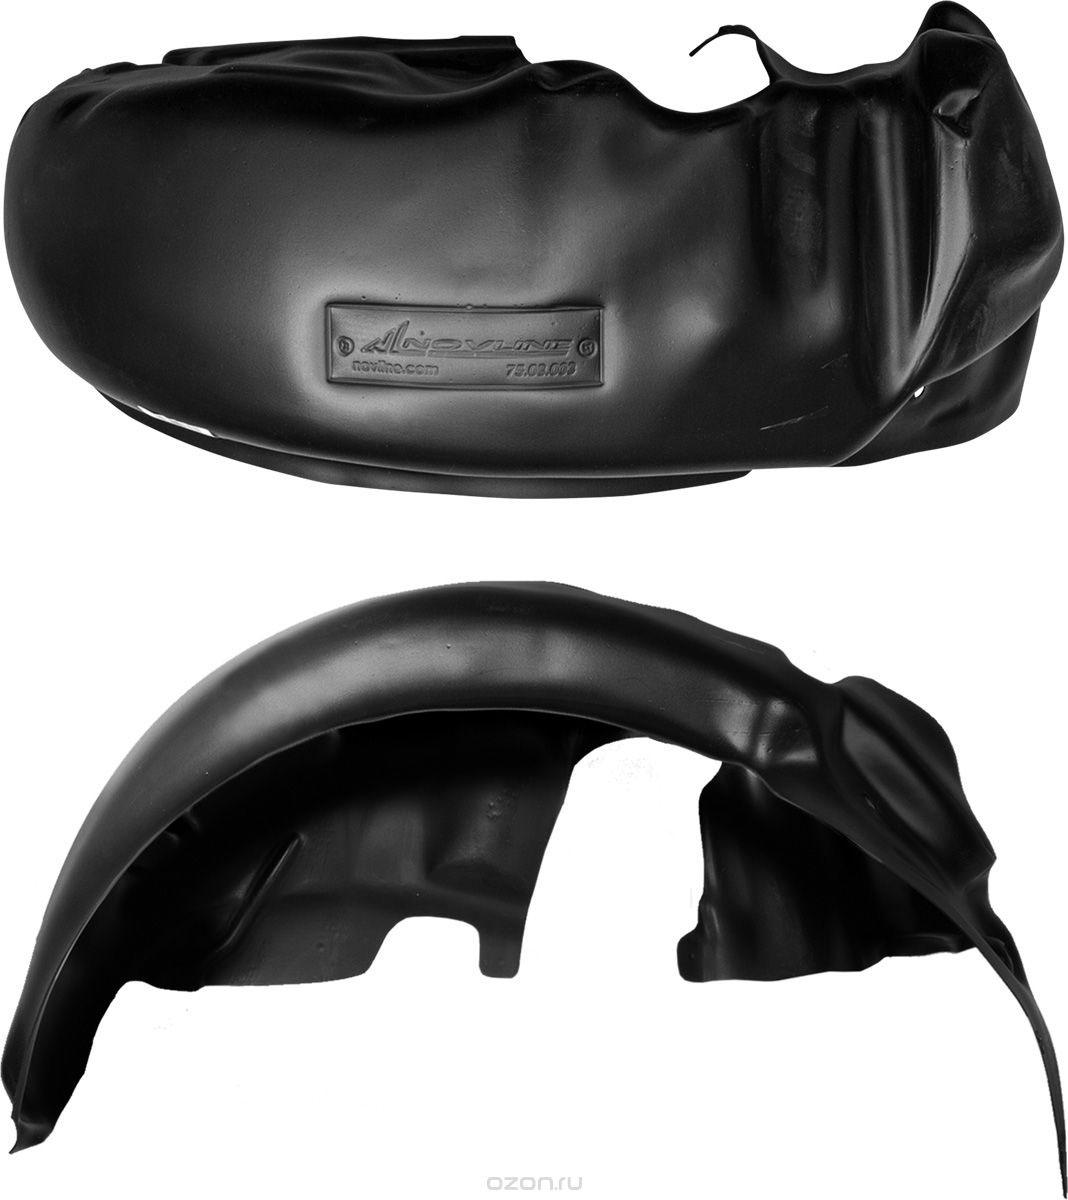 Подкрылок Novline-Autofamily, для Ford Transit, передний привод, 2014->, задний правыйNLL.16.56.004Идеальная защита колесной ниши. Локеры разработаны с применением цифровых технологий, гарантируют максимальную повторяемость поверхности арки. Изделия устанавливаются без нарушения лакокрасочного покрытия автомобиля, каждый подкрылок комплектуется крепежом. Уважаемые клиенты, обращаем ваше внимание, что фотографии на подкрылки универсальные и не отражают реальную форму изделия. При этом само изделие идет точно под размер указанного автомобиля.